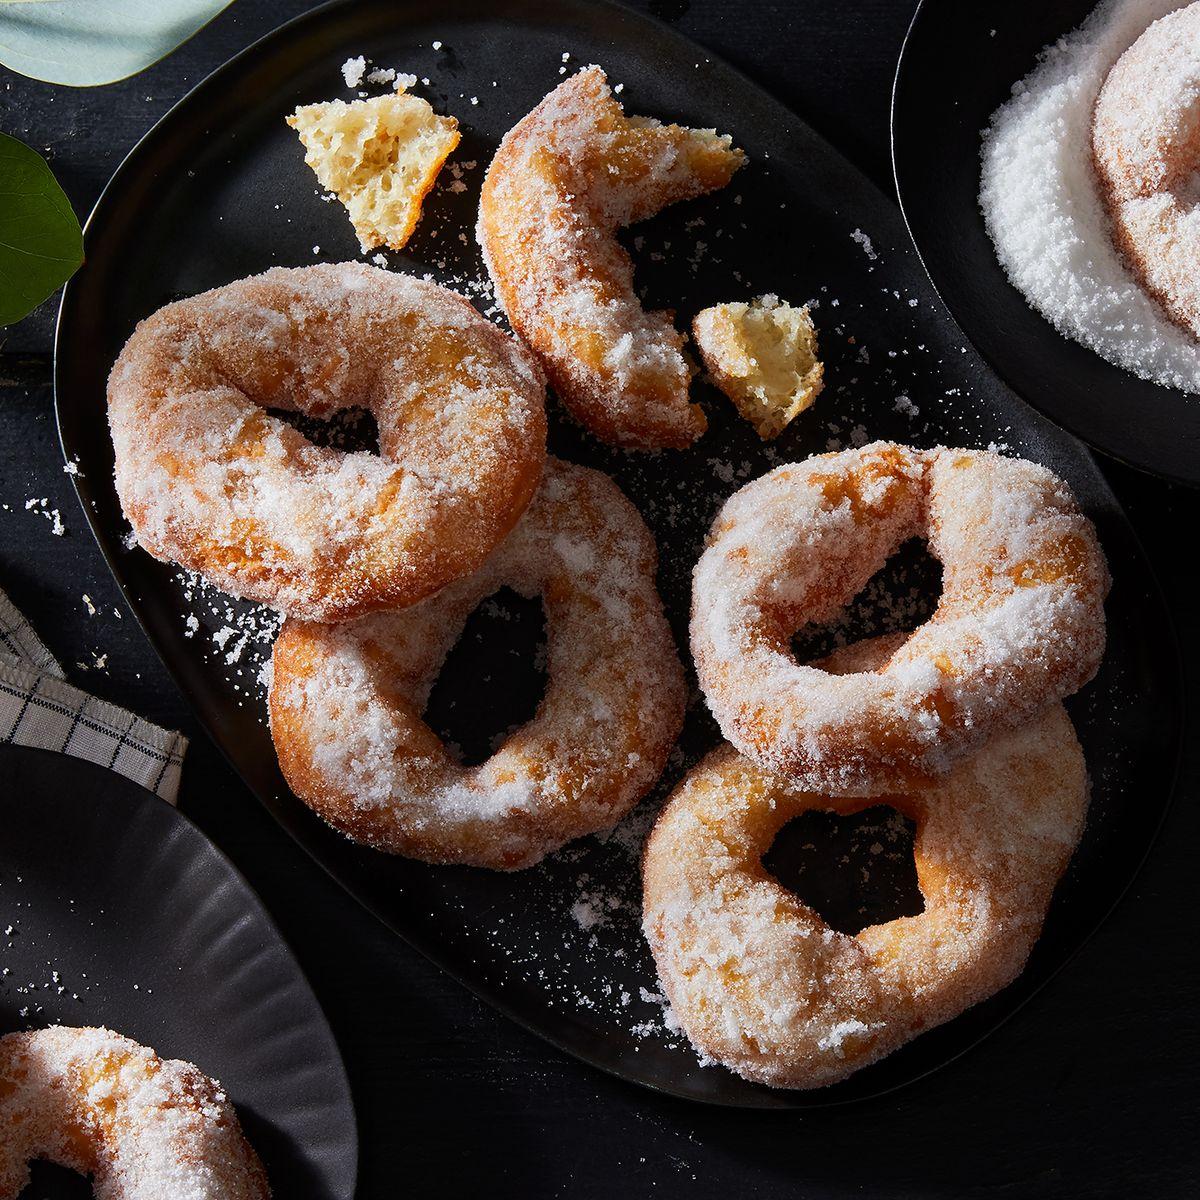 Easy Homemade Yeast-Raised Doughnuts Recipe